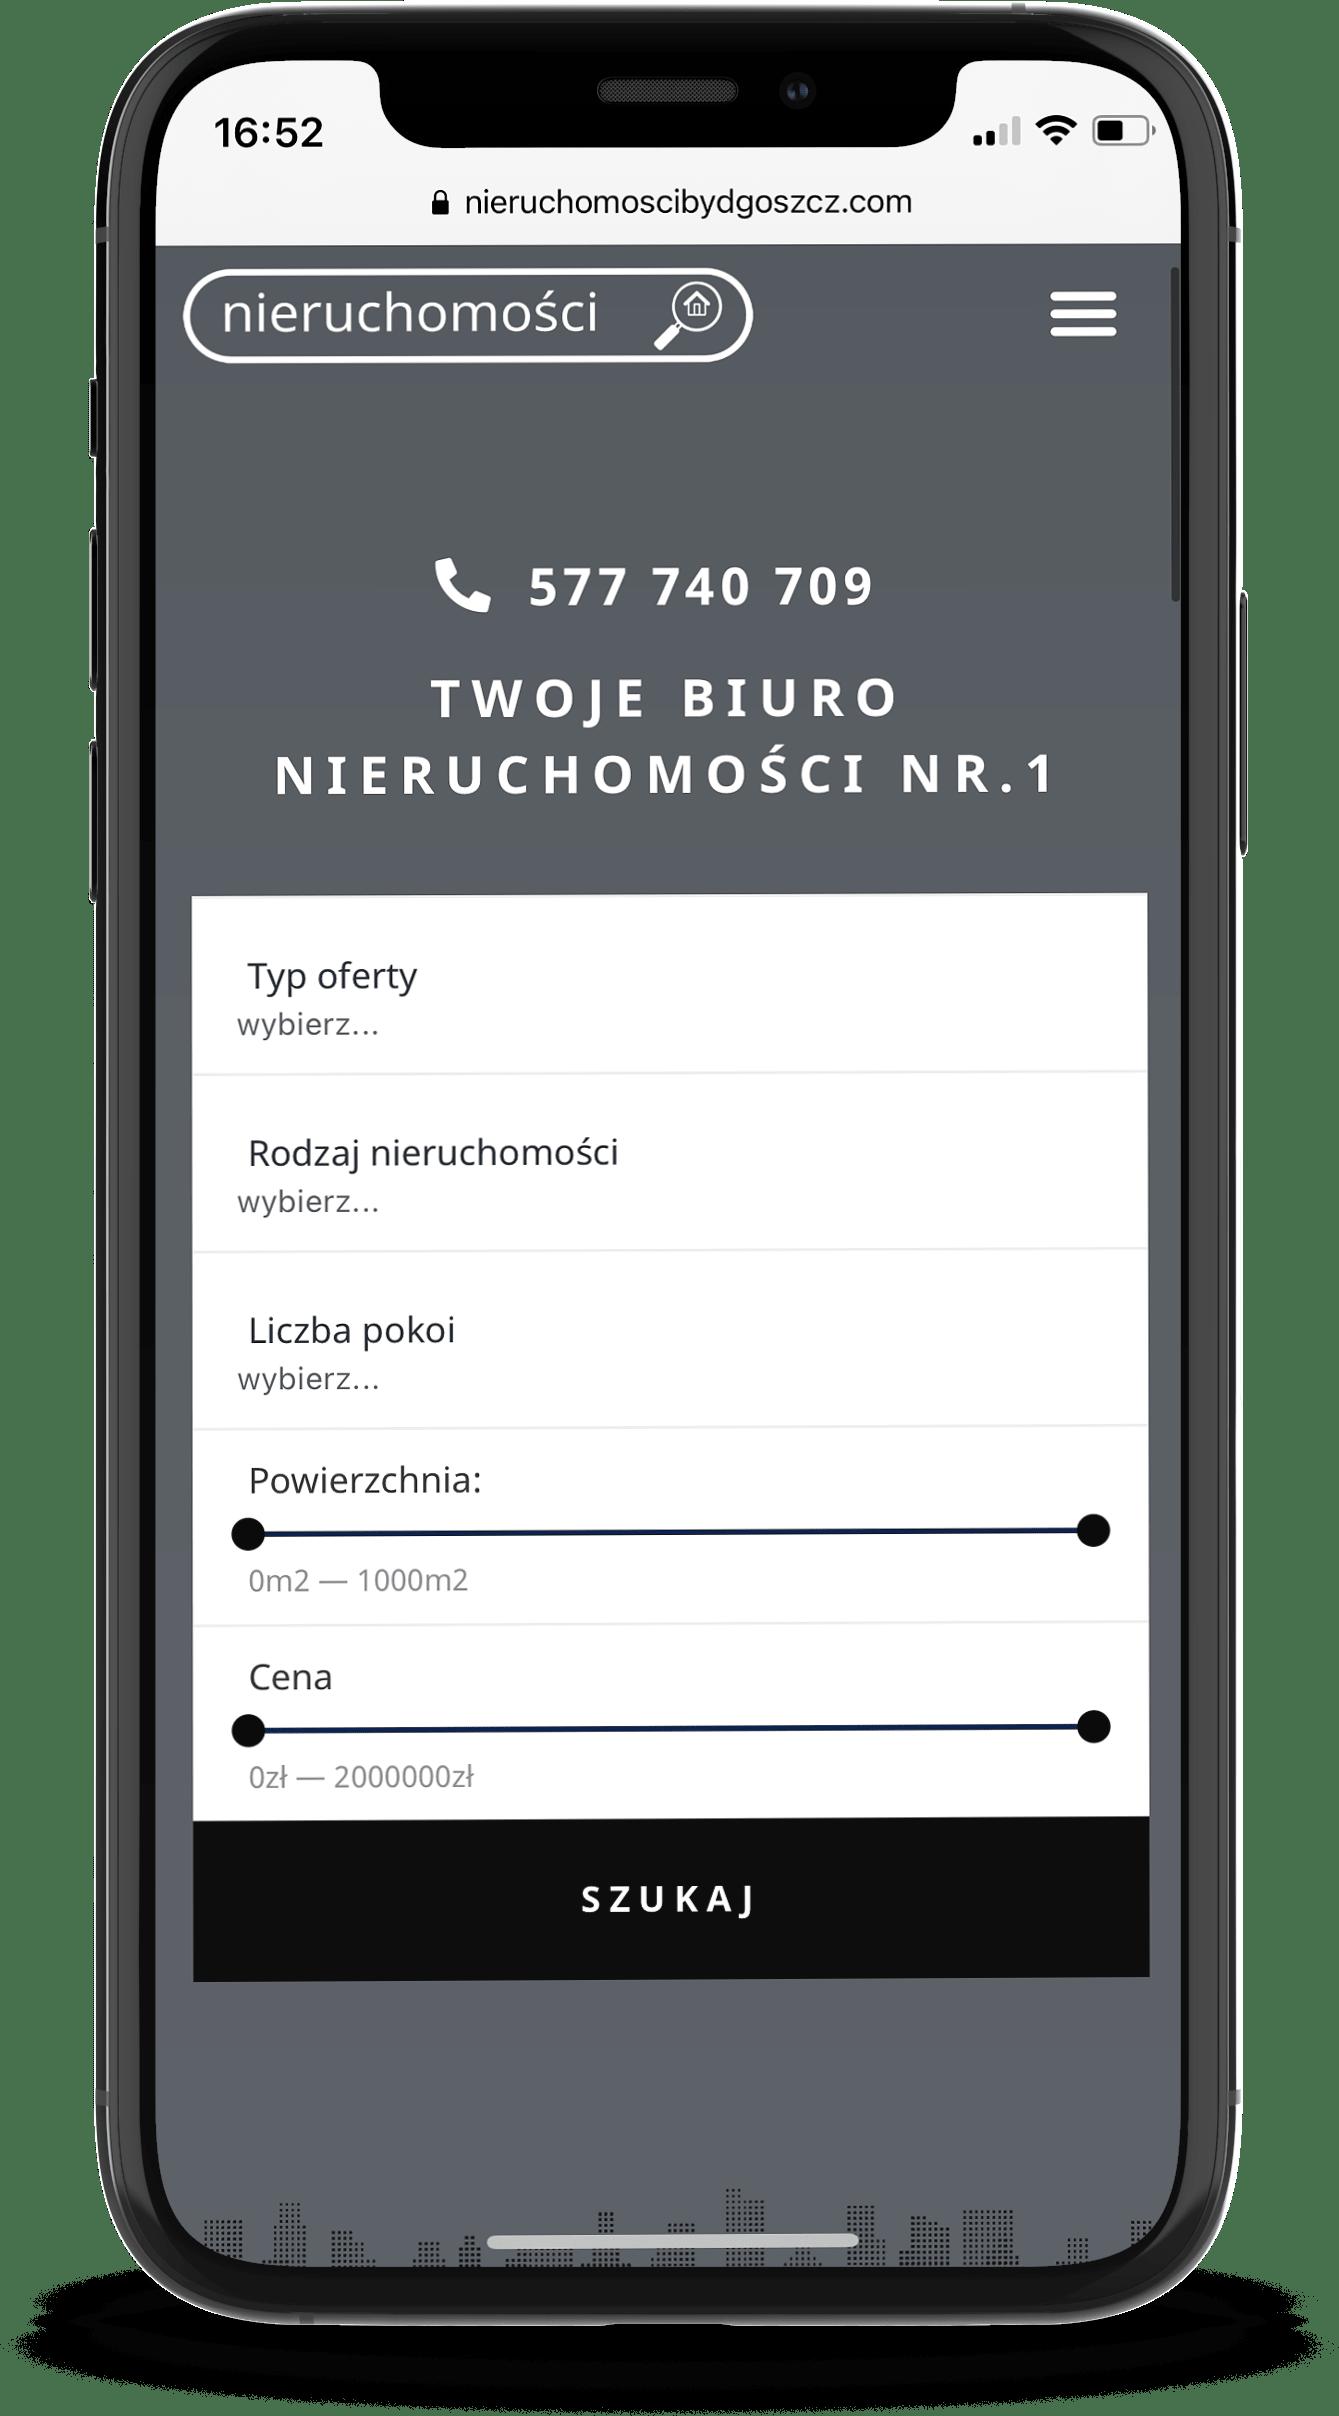 smartmockups_kp2qttg6-min